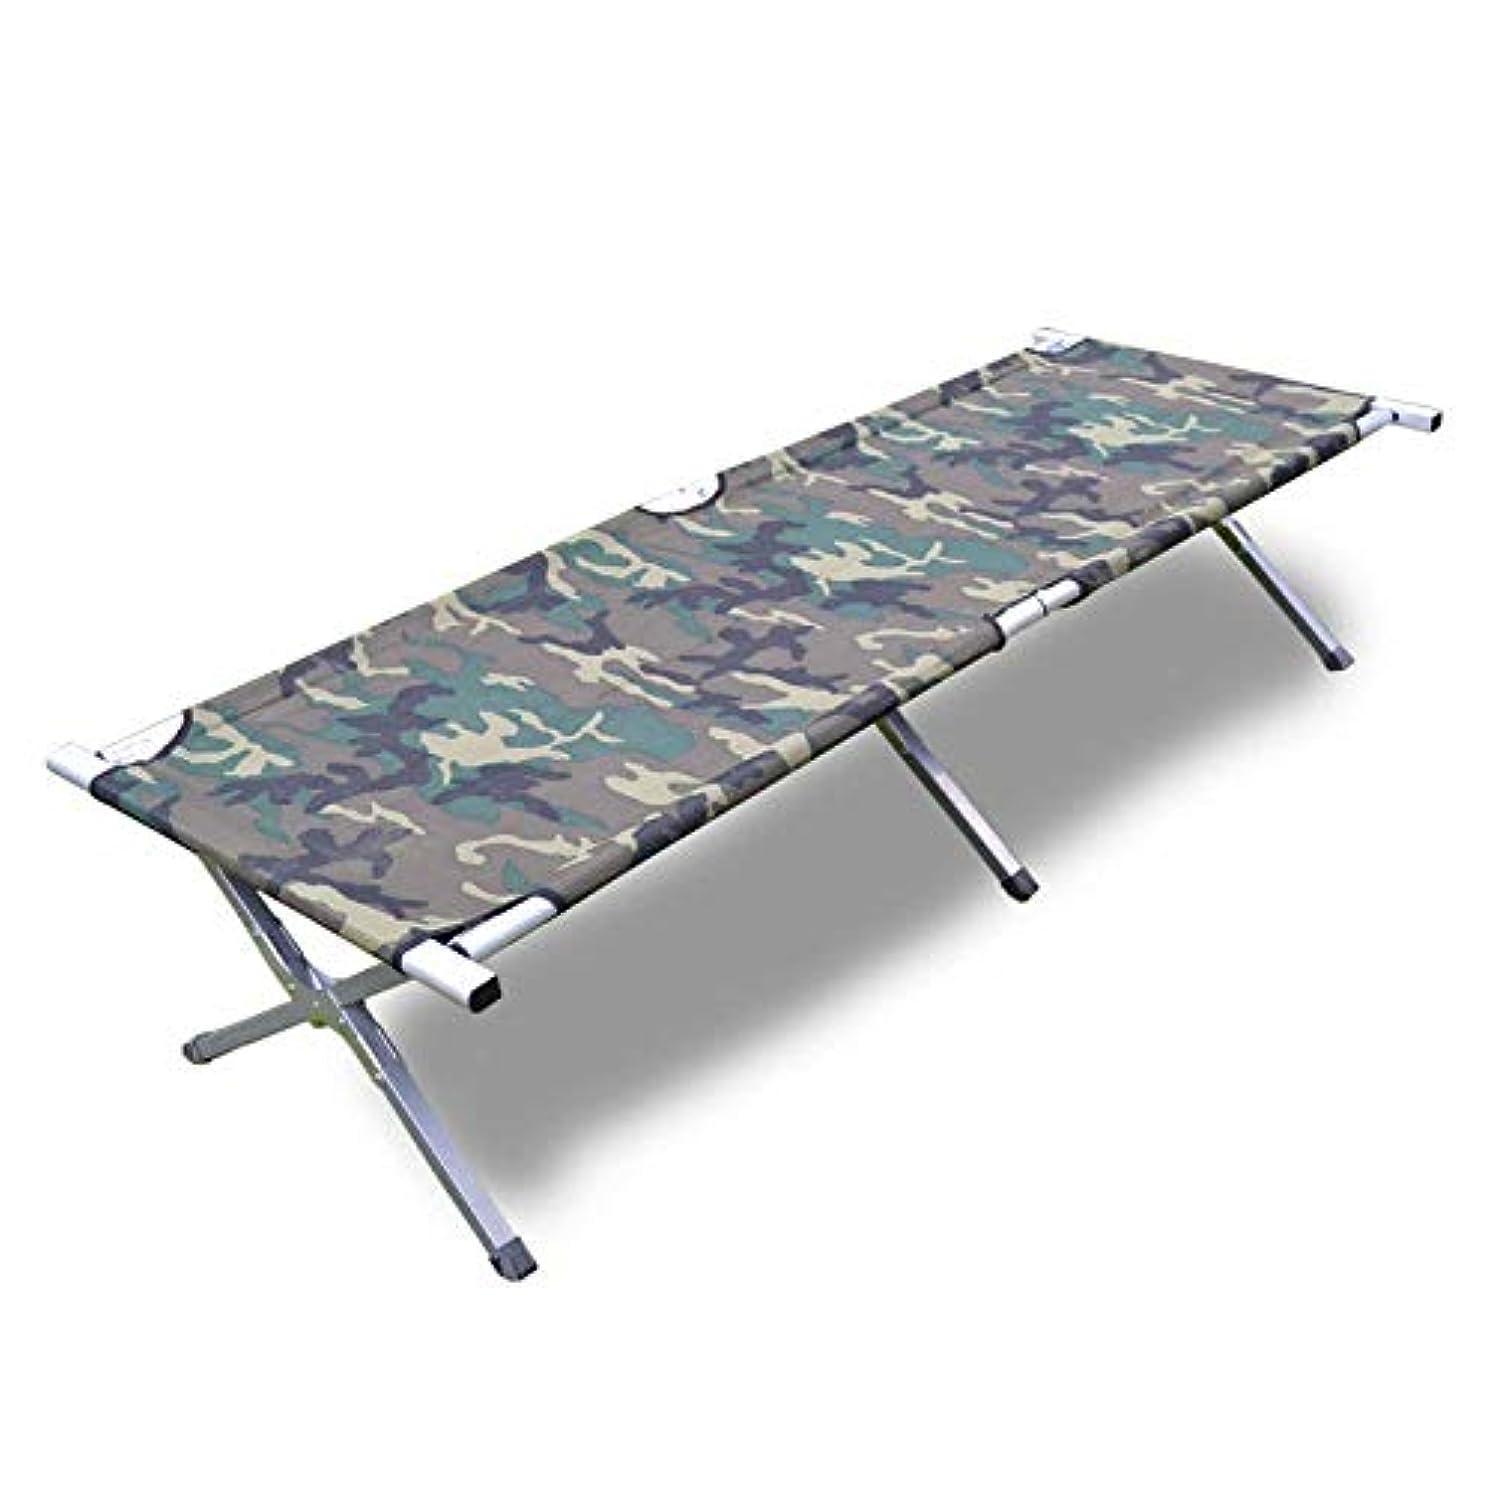 余裕がある毎日タイト屋外の折るベッドのキャンプの超軽量の容易な貯蔵のゲストのベッドの負荷150のKg +袋